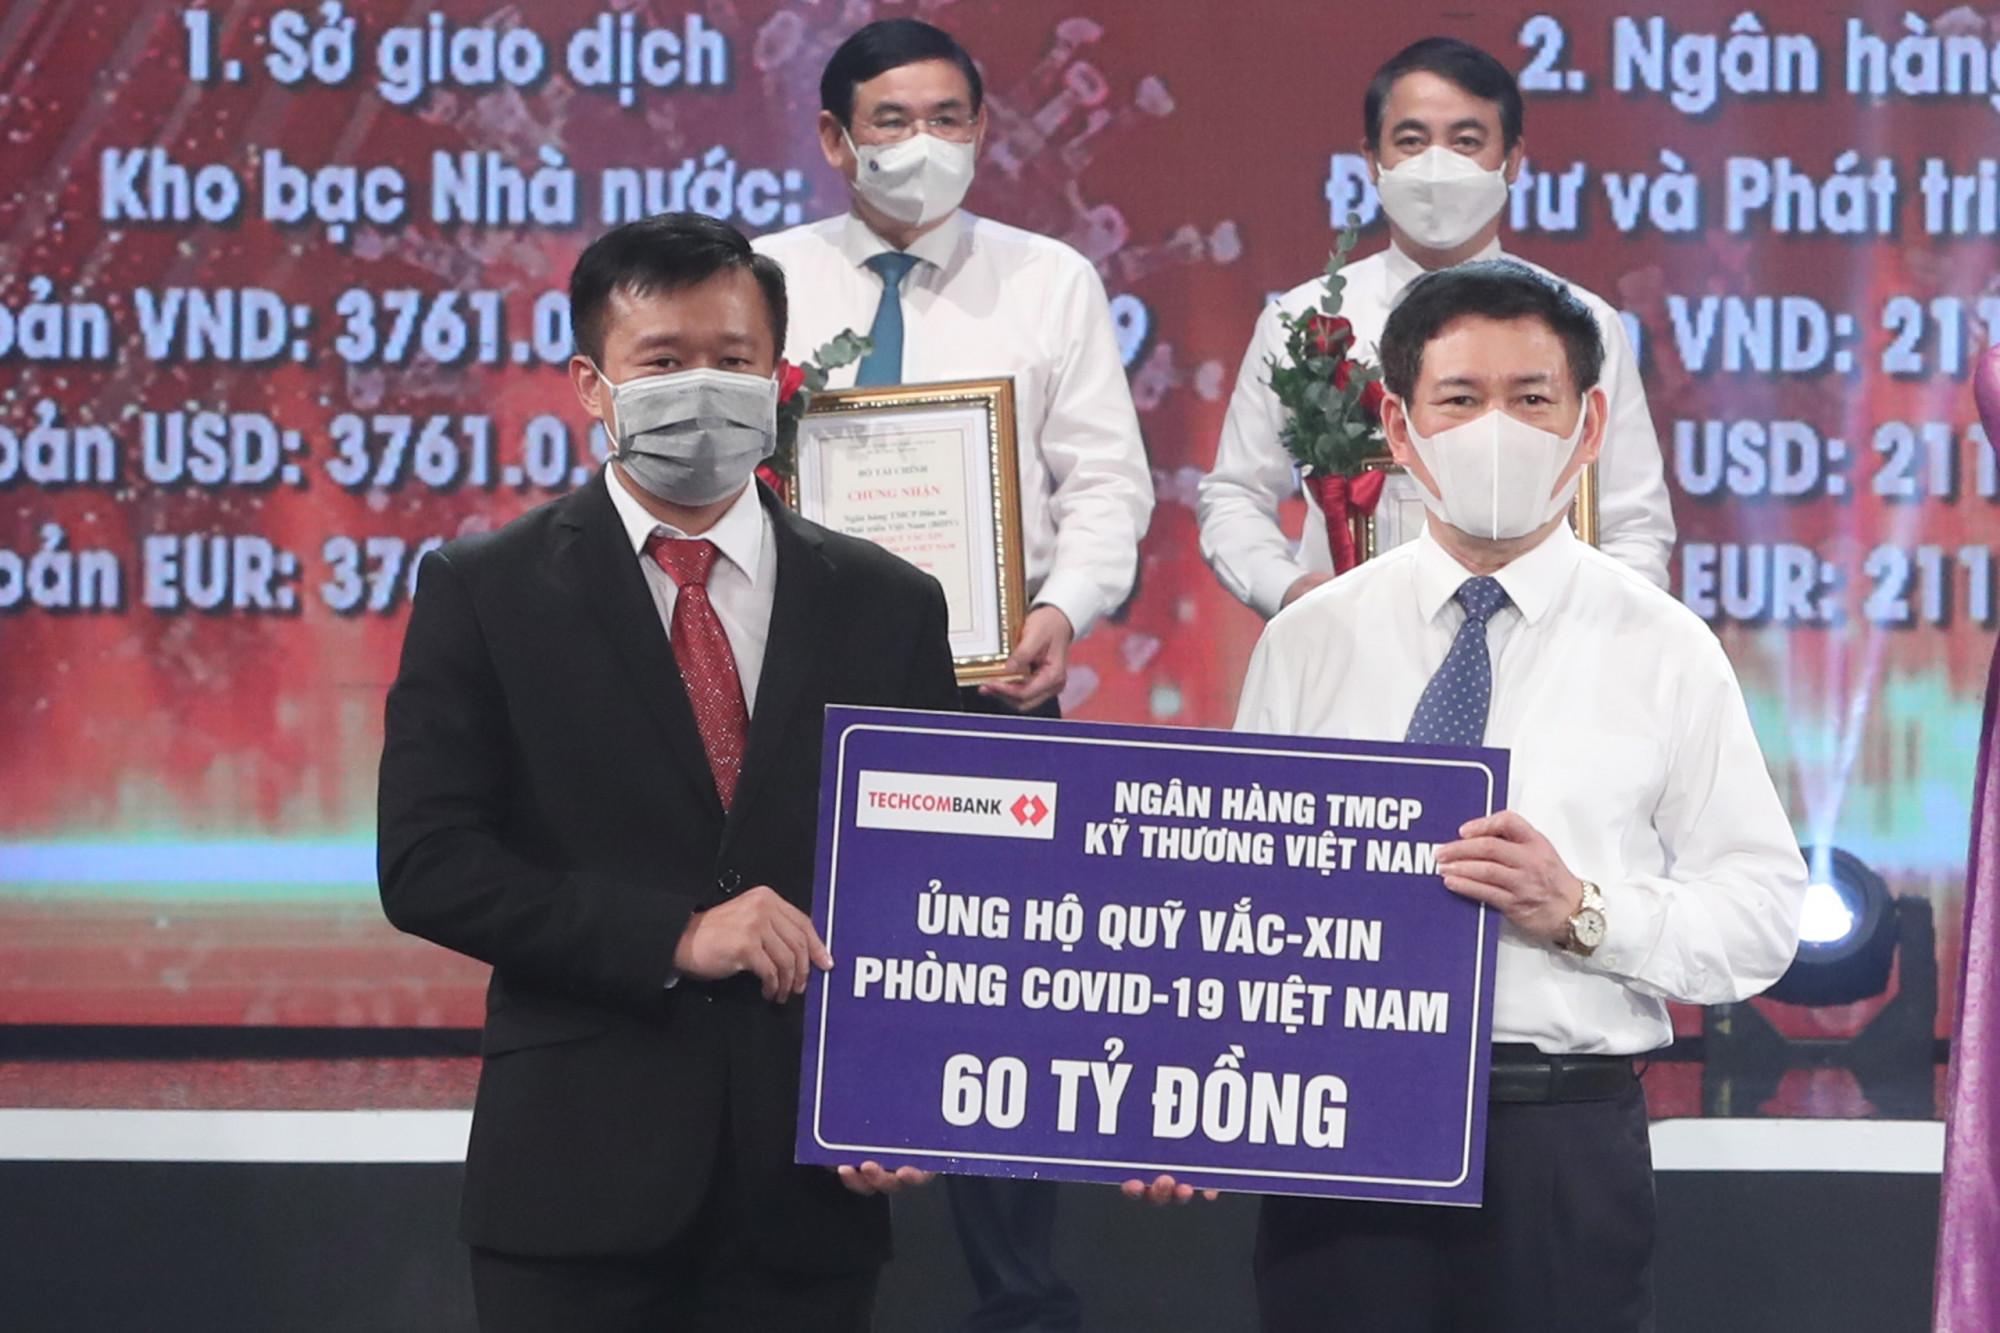 Ngân hàng Kỹ Thương Việt Nam (Techcombank) ủng hộ 60 tỷ đồng